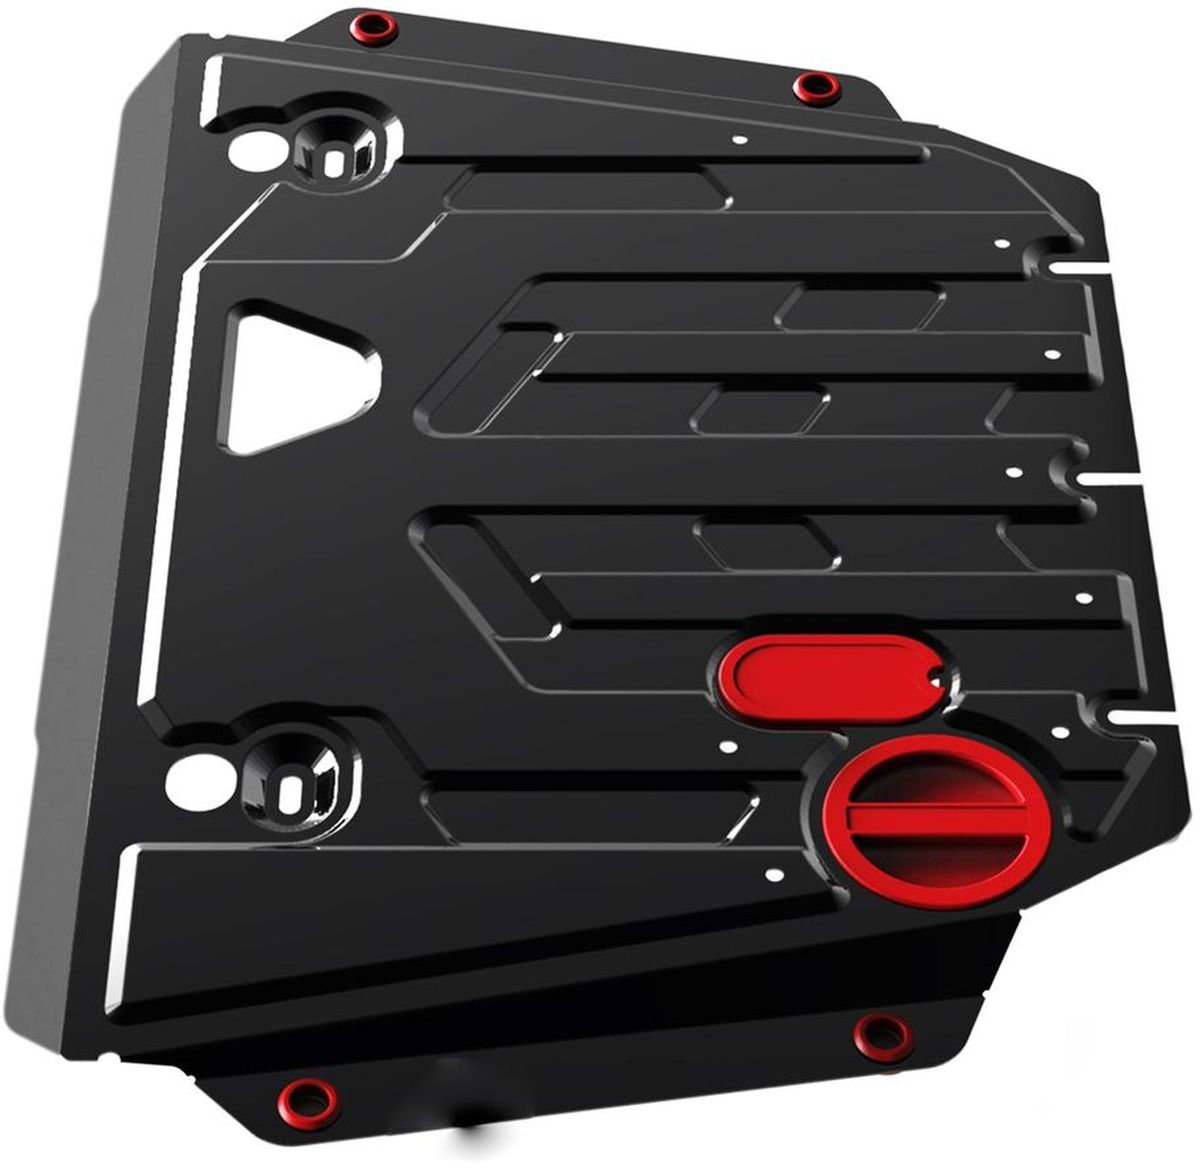 Защита картера и КПП Автоброня, для Kia Sorento 2009, V - 2,2; 2,4 (2009-2012)2706 (ПО)Технологически совершенный продукт за невысокую стоимость.Защита разработана с учетом особенностей днища автомобиля, что позволяет сохранить дорожный просвет с минимальным изменением.Защита устанавливается в штатные места кузова автомобиля. Глубокий штамп обеспечивает до двух раз больше жесткости в сравнении с обычной защитой той же толщины. Проштампованные ребра жесткости препятствуют деформации защиты при ударах.Тепловой зазор и вентиляционные отверстия обеспечивают сохранение температурного режима двигателя в норме. Скрытый крепеж предотвращает срыв крепежных элементов при наезде на препятствие.Шумопоглощающие резиновые элементы обеспечивают комфортную езду без вибраций и скрежета металла, а съемные лючки для слива масла и замены фильтра - экономию средств и время.Конструкция изделия не влияет на пассивную безопасность автомобиля (при ударе защита не воздействует на деформационные зоны кузова). Со штатным крепежом. В комплекте инструкция по установке.Толщина стали: 2 мм.Уважаемые клиенты!Обращаем ваше внимание, что элемент защиты имеет форму, соответствующую модели данного автомобиля. Фото служит для визуального восприятия товара и может отличаться от фактического.